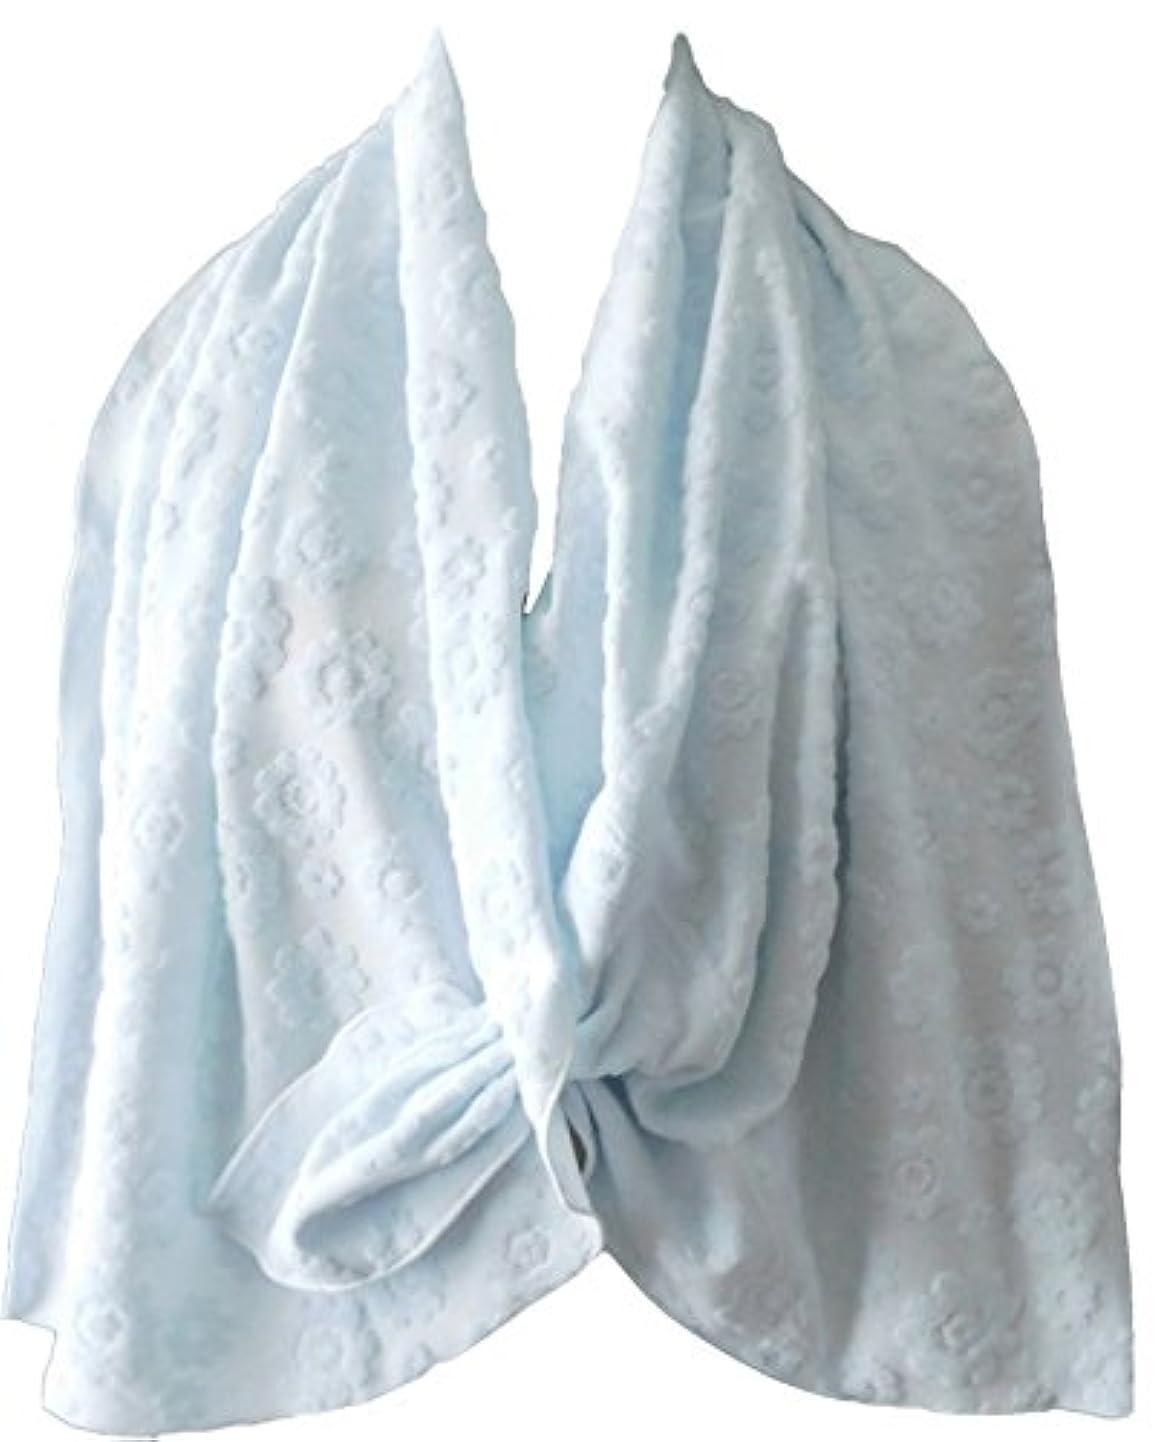 パウダー立法わかりやすい乳がん術後 温泉旅行に <温泉タオルン> 単品 ブルー 温泉タオル 巻きタオル ラップタオル プリンセスのんの